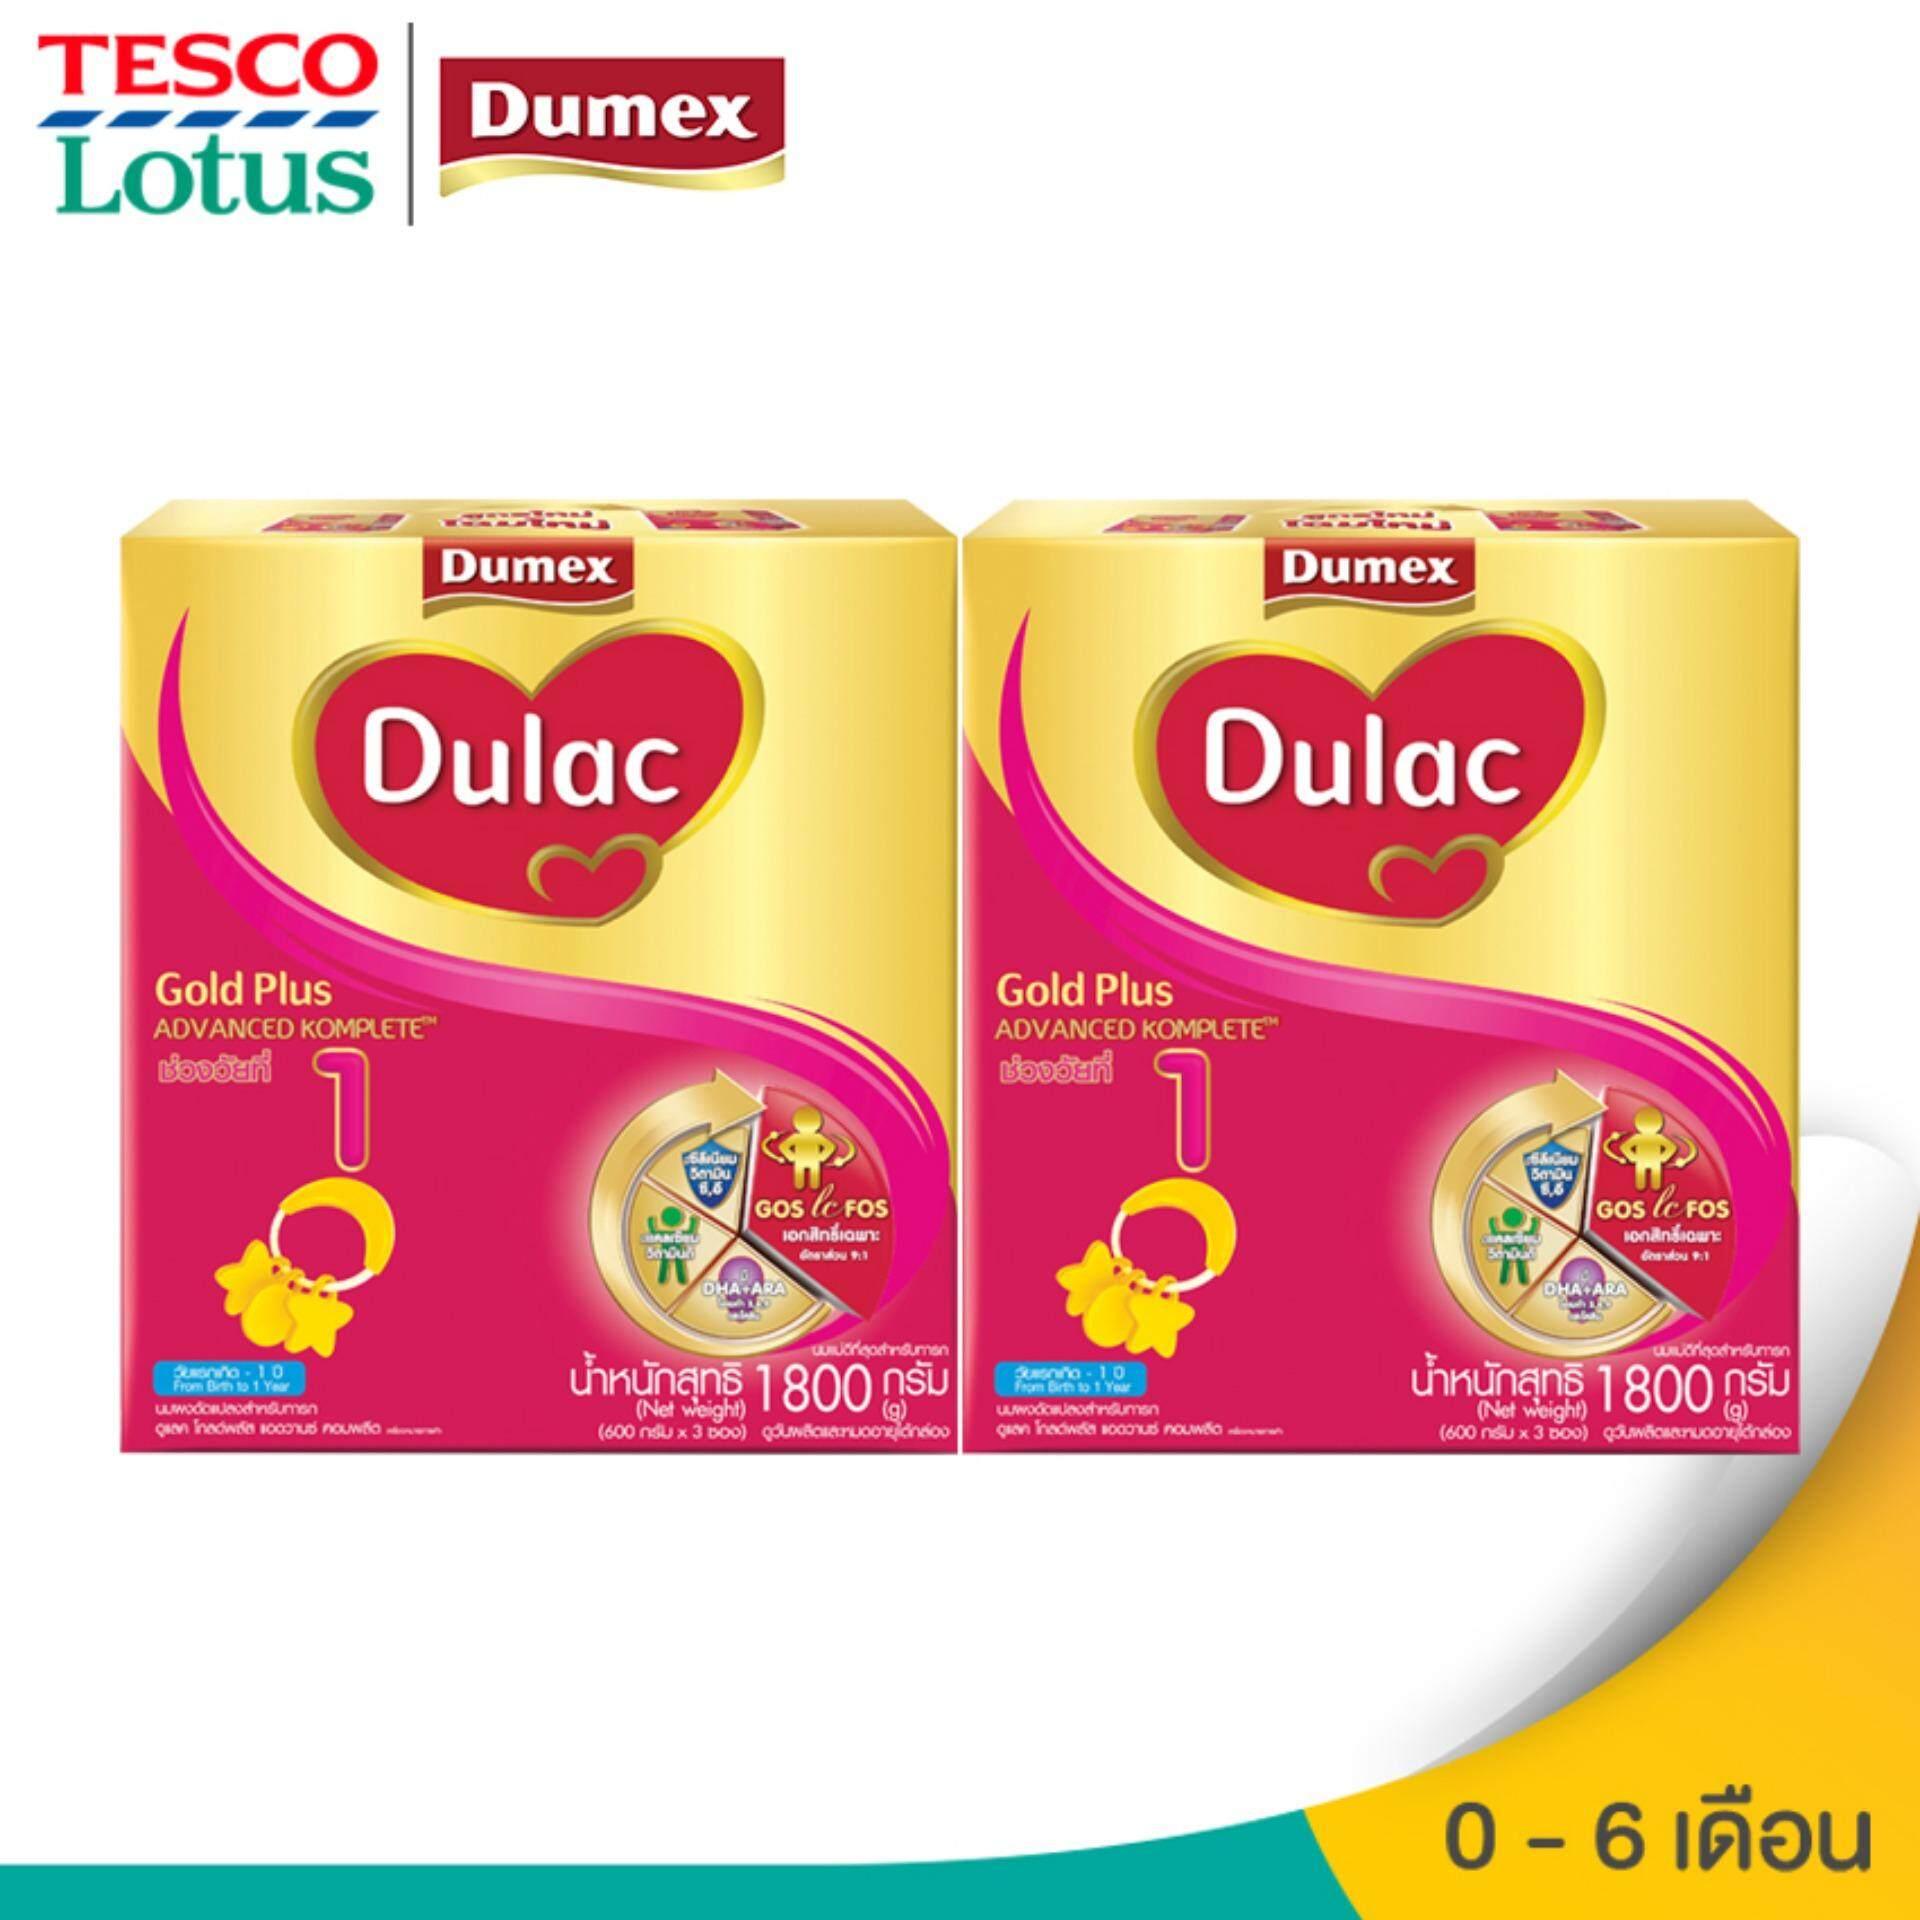 ต้องการซื้อ  DUMEX ดูเม็กซ์ นมผงสำหรับเด็ก ช่วงวัยที่ 1 โกลด์พลัส 1800 กรัม (แพ็ค 2 กล่อง)   รีวิวสินค้า ของแท้